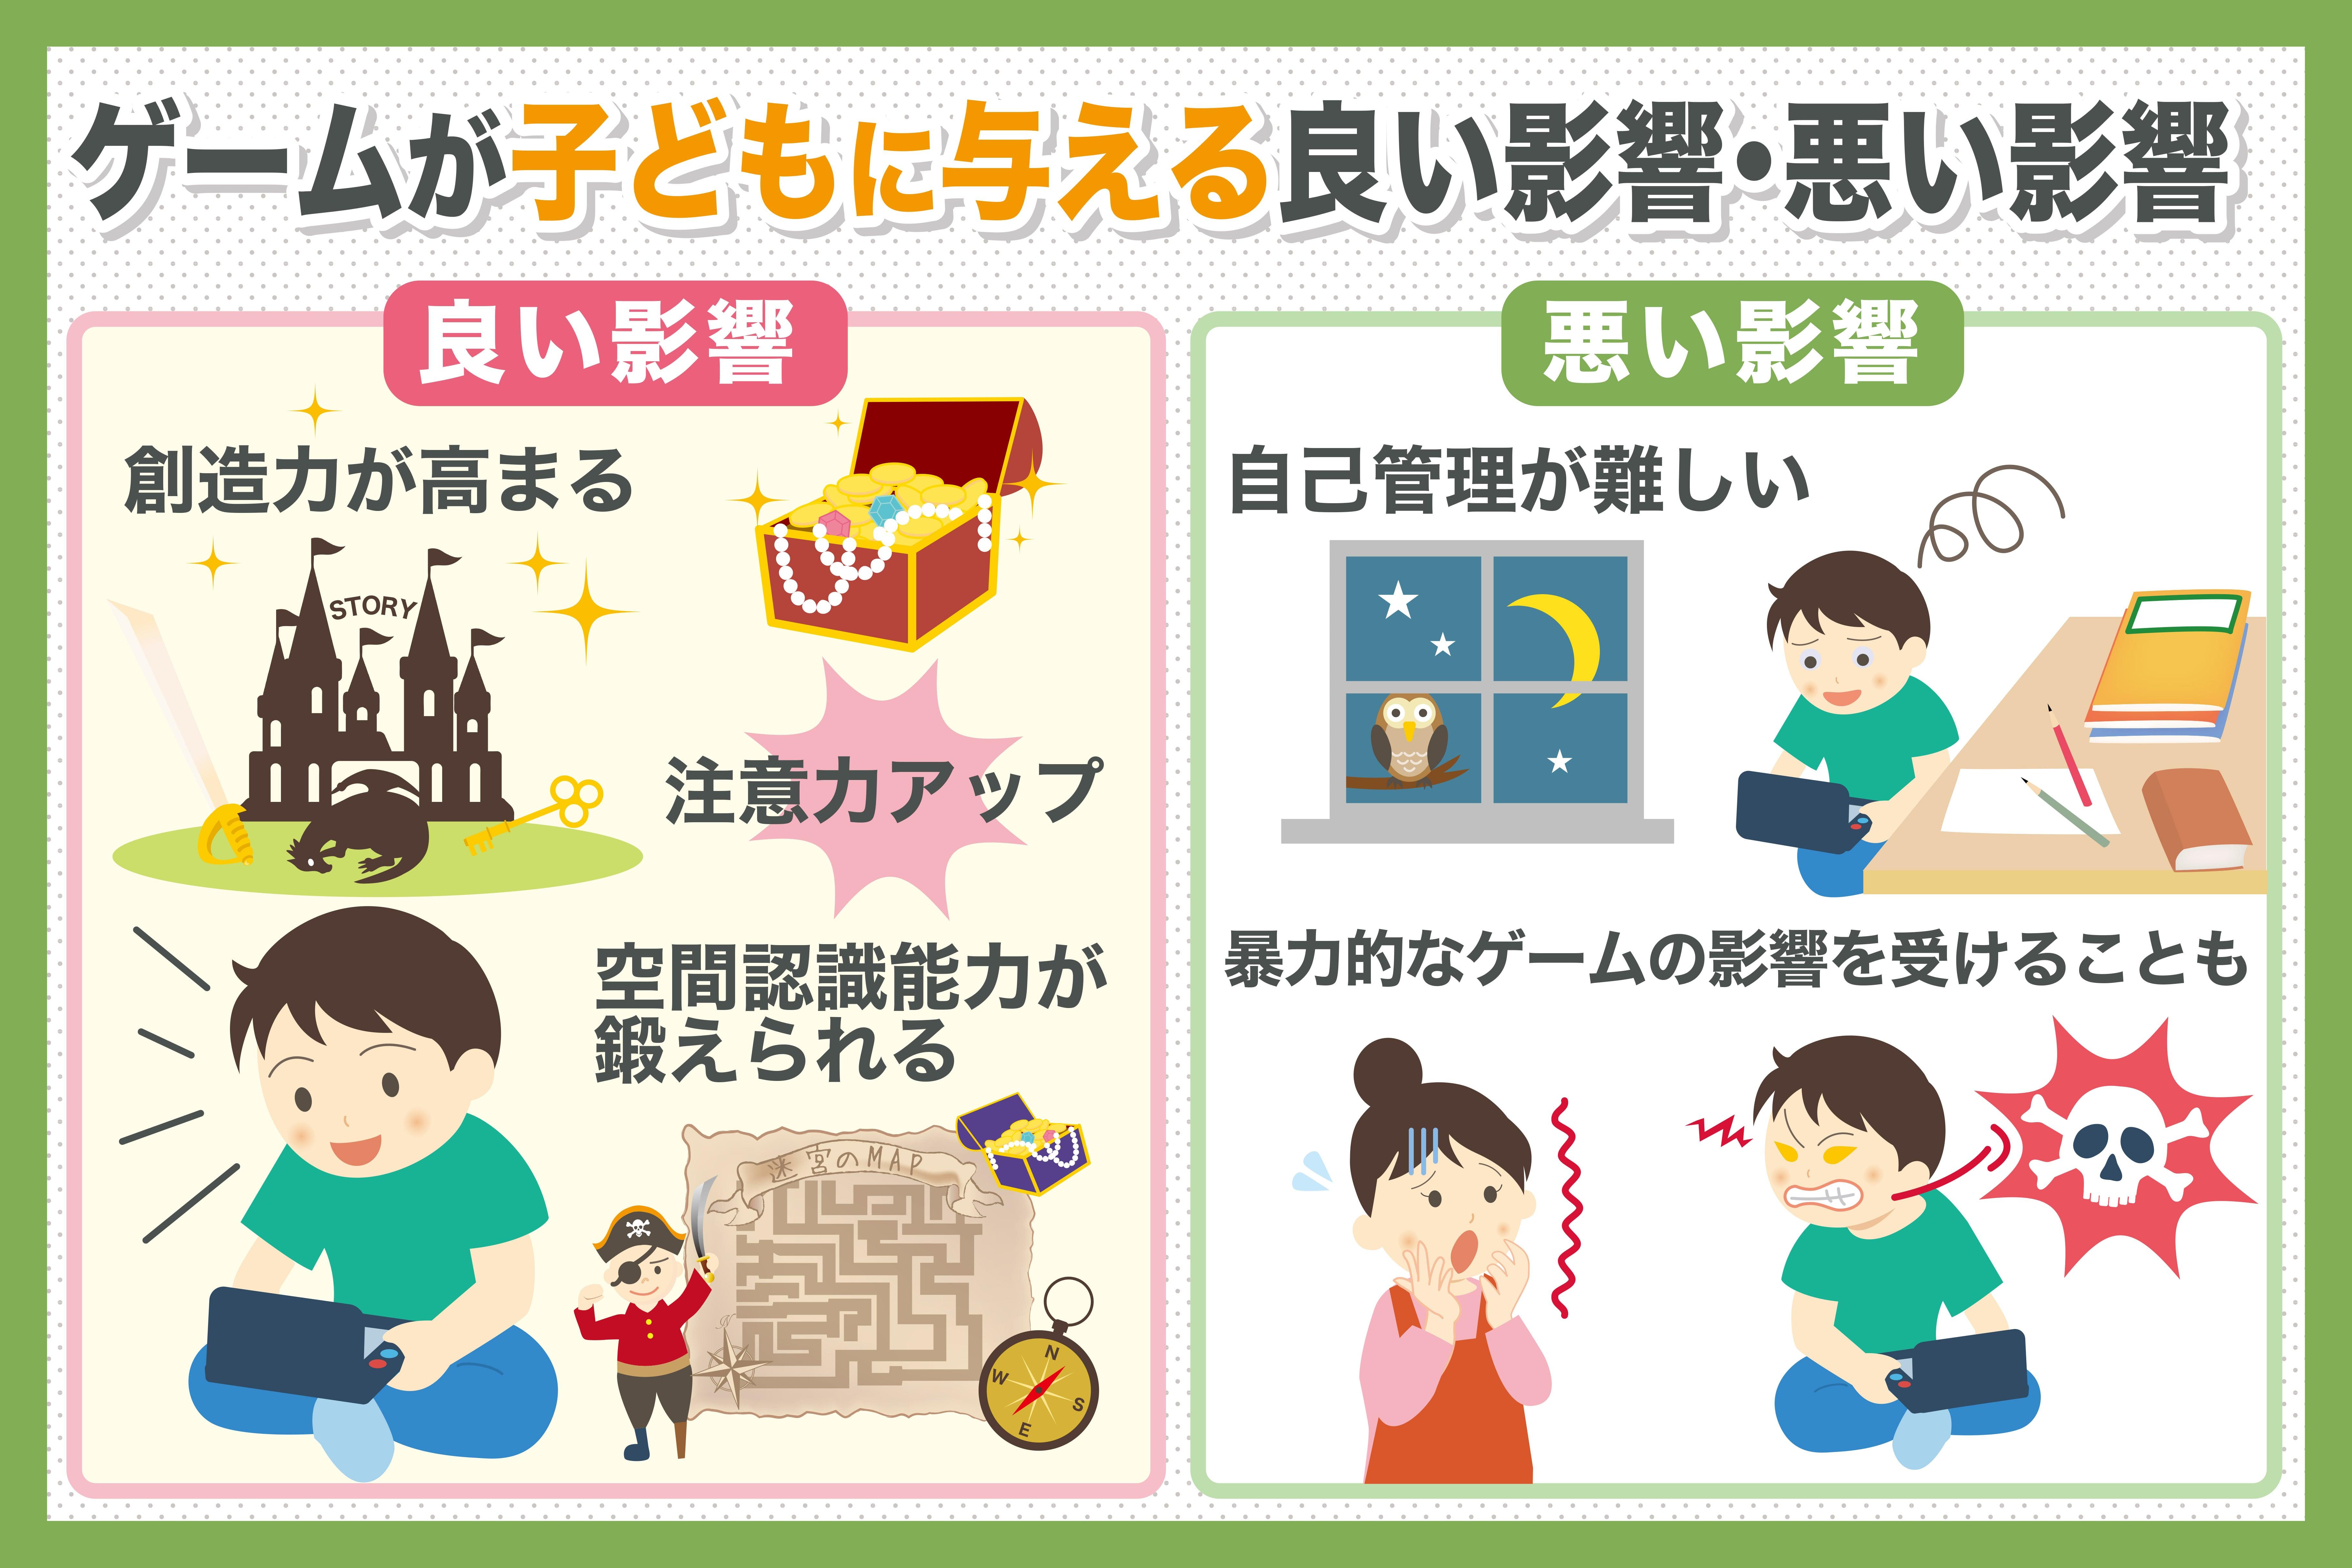 ゲームが子どもに与える良い影響・悪い影響